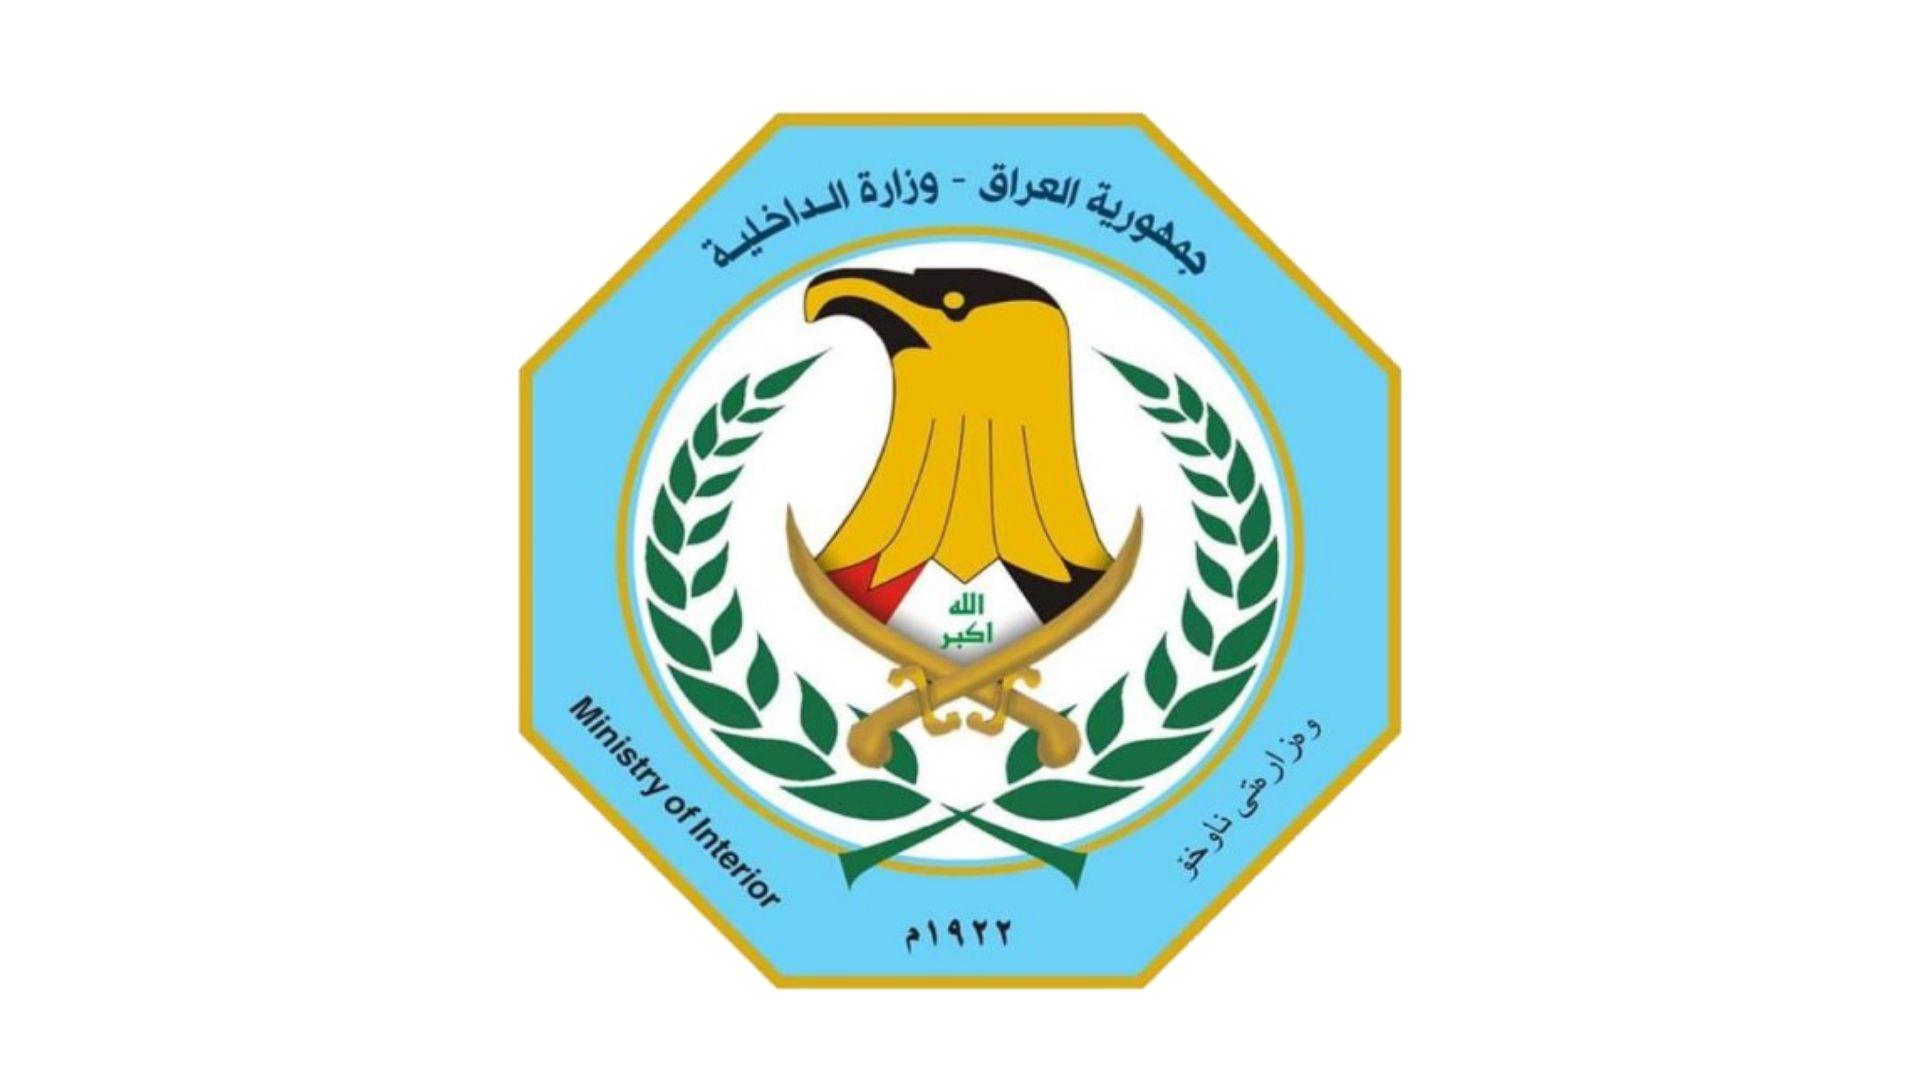 الداخلية: قوات حفظ النظام ستخضع للإعادة هيكلة